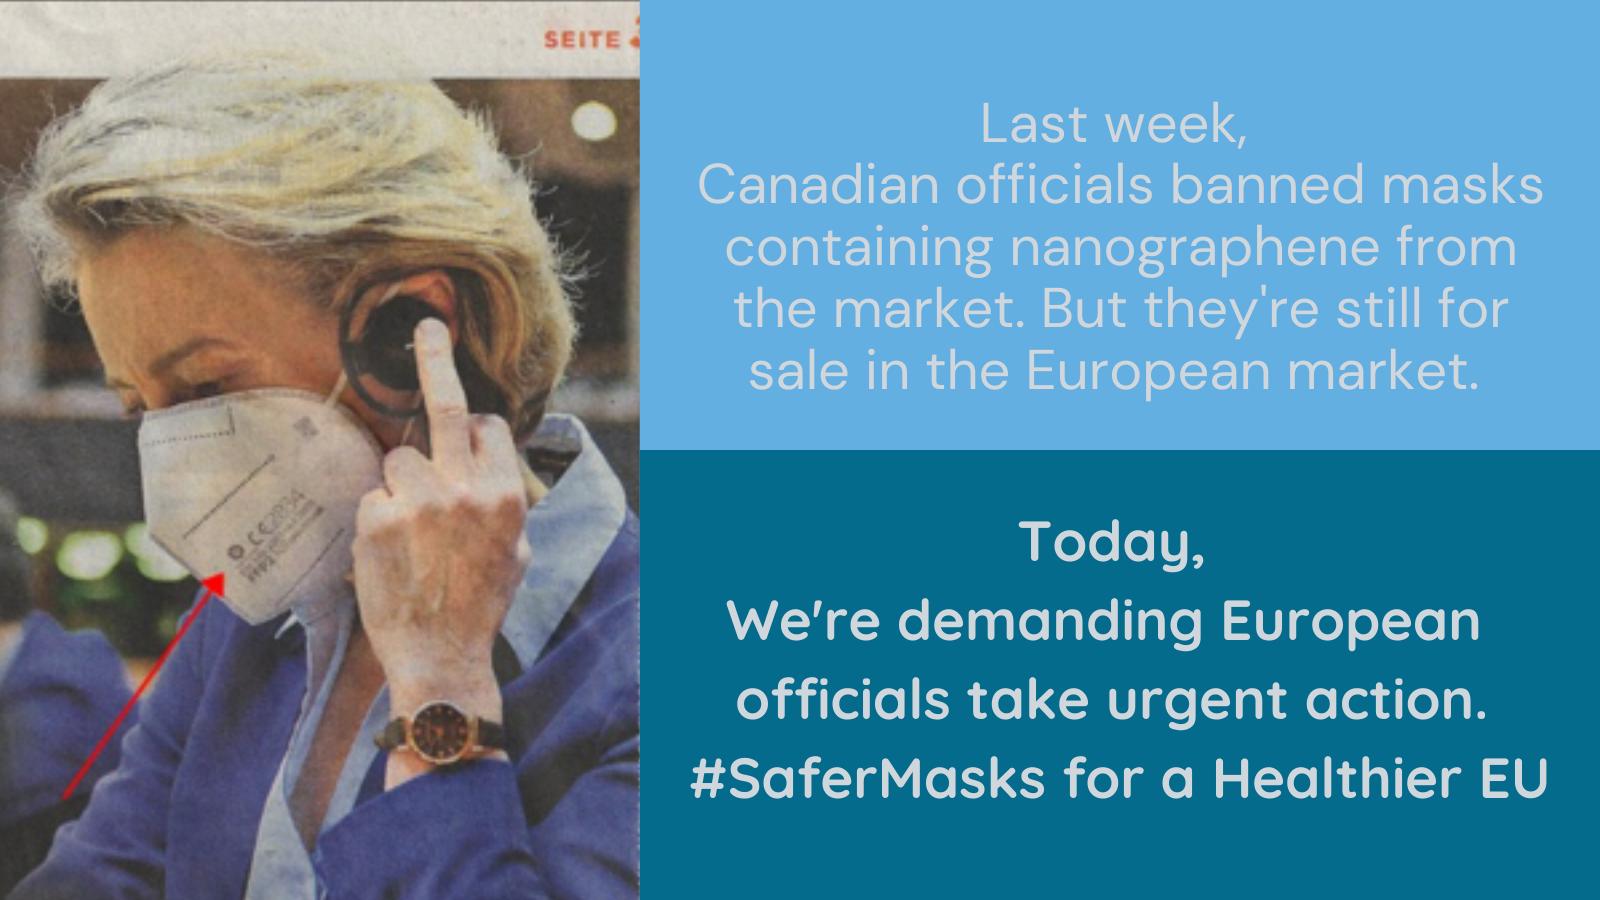 Des ONG demandent l'interdiction de masques contenant des nanoparticules toxiques